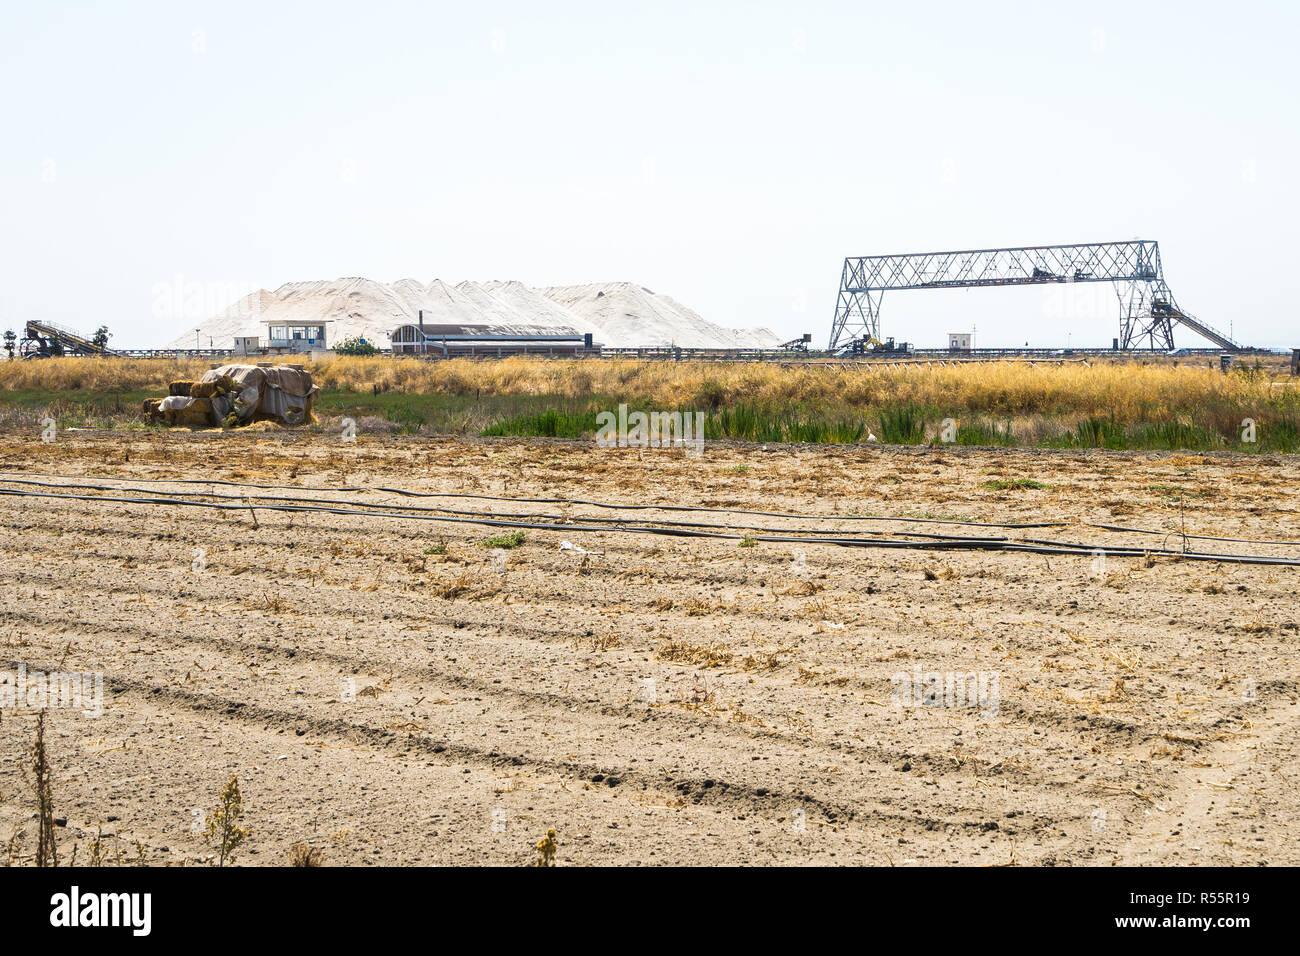 Los montones de sal cerca de una fábrica de sal en Margherita di Savoia, Puglia, Italia Imagen De Stock